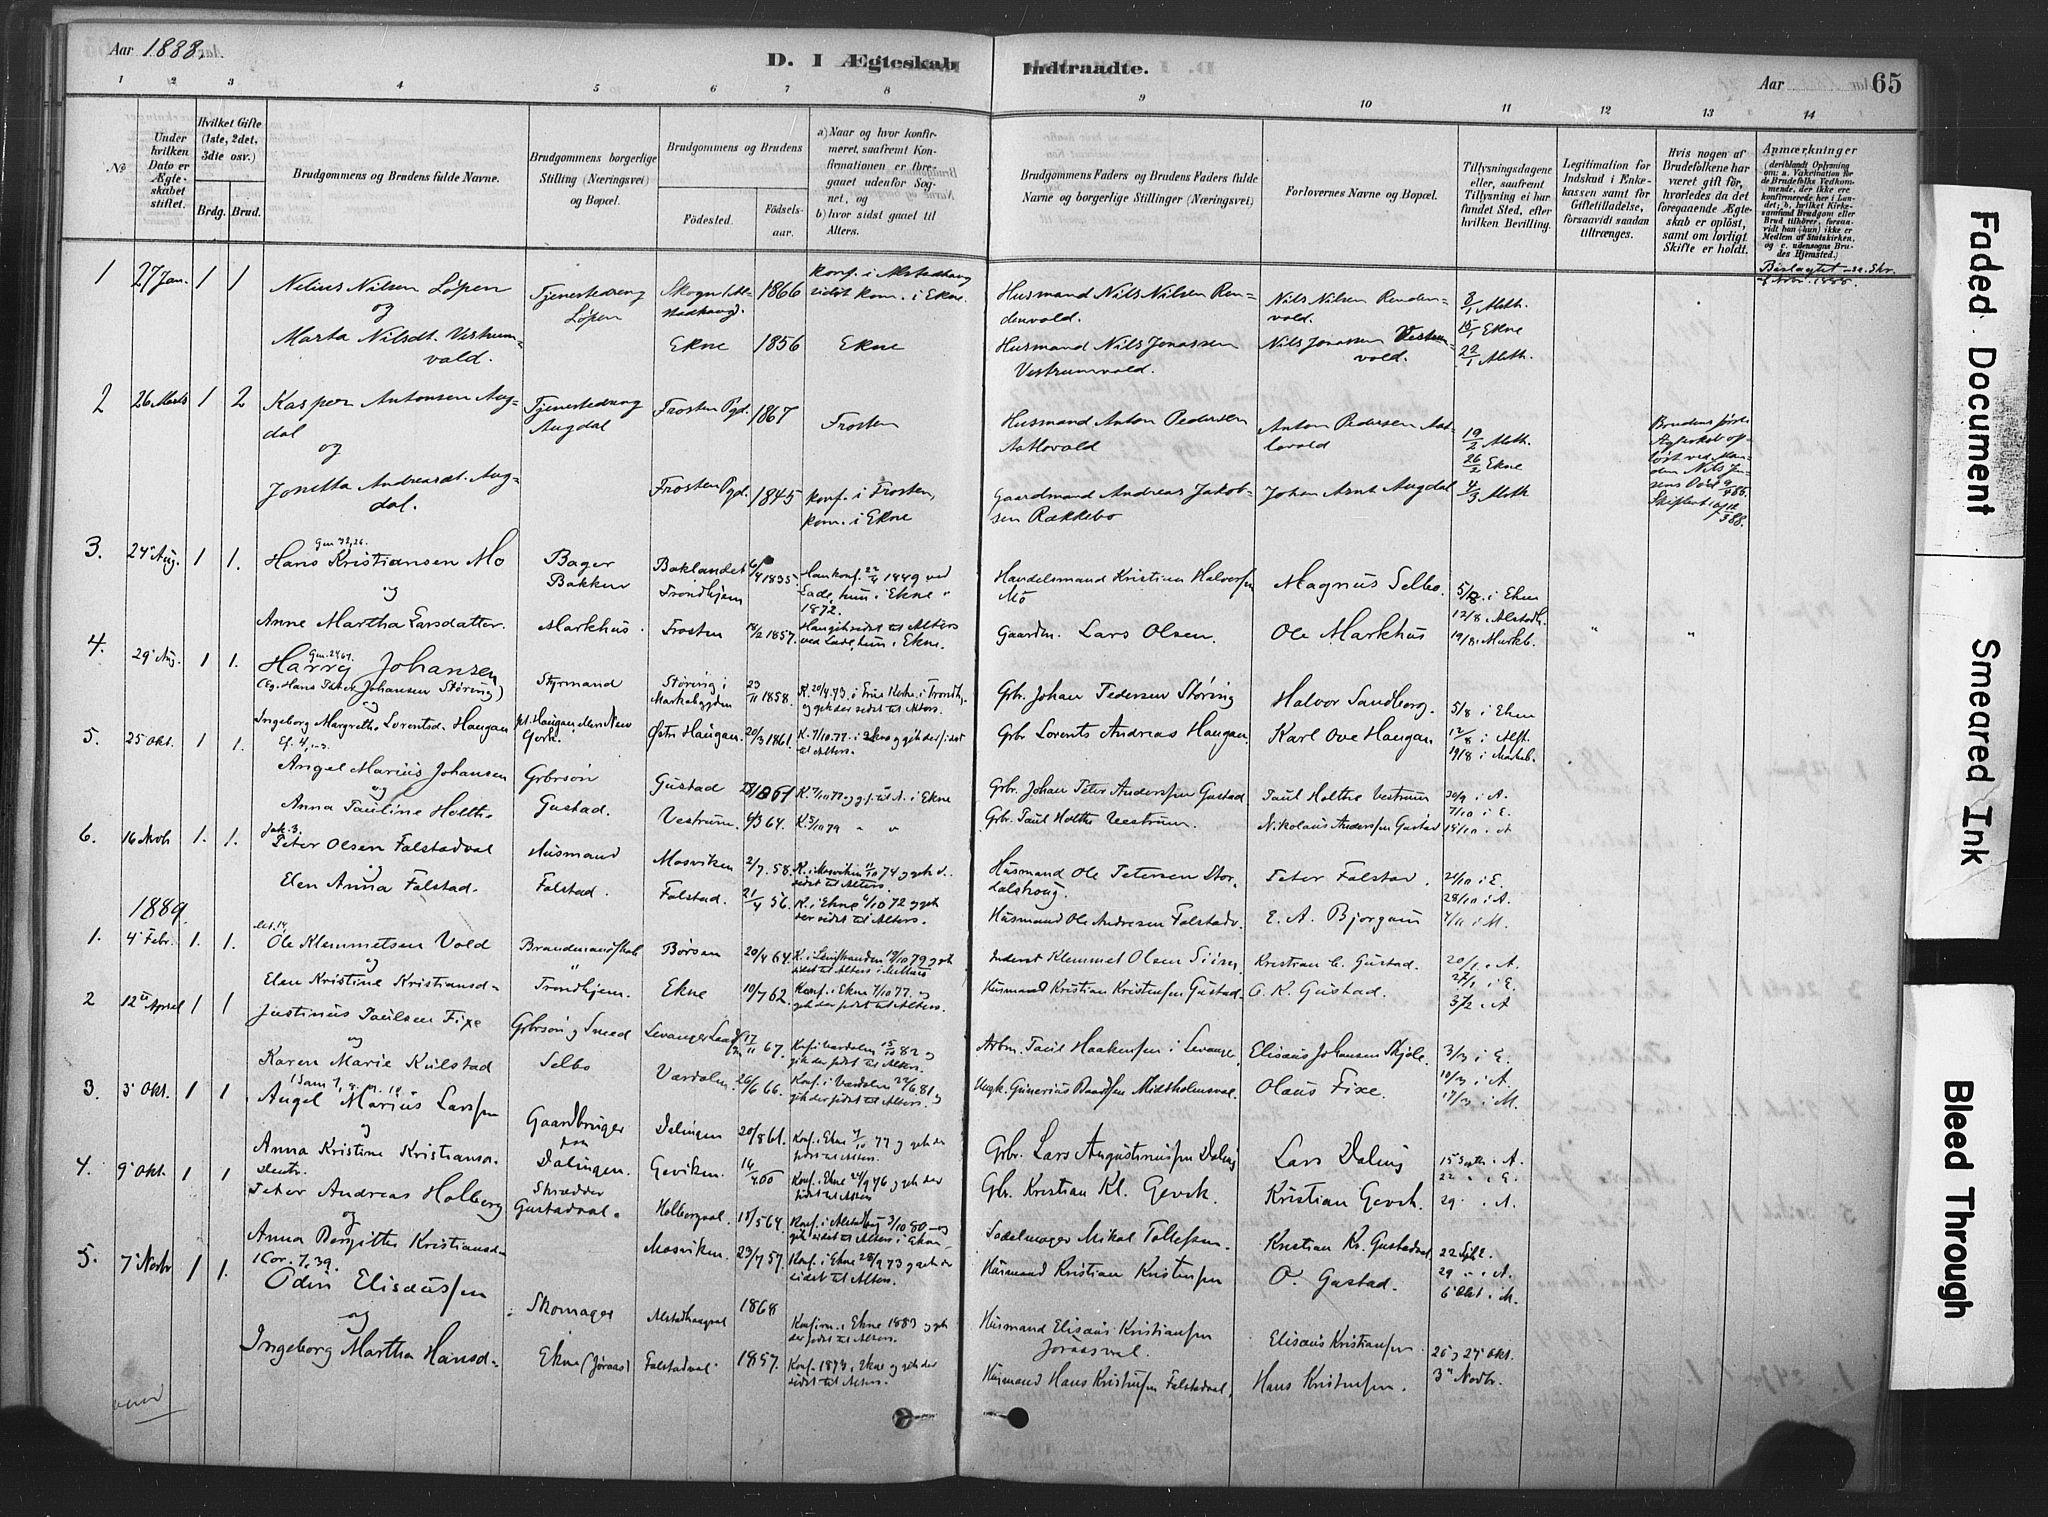 SAT, Ministerialprotokoller, klokkerbøker og fødselsregistre - Nord-Trøndelag, 719/L0178: Ministerialbok nr. 719A01, 1878-1900, s. 65